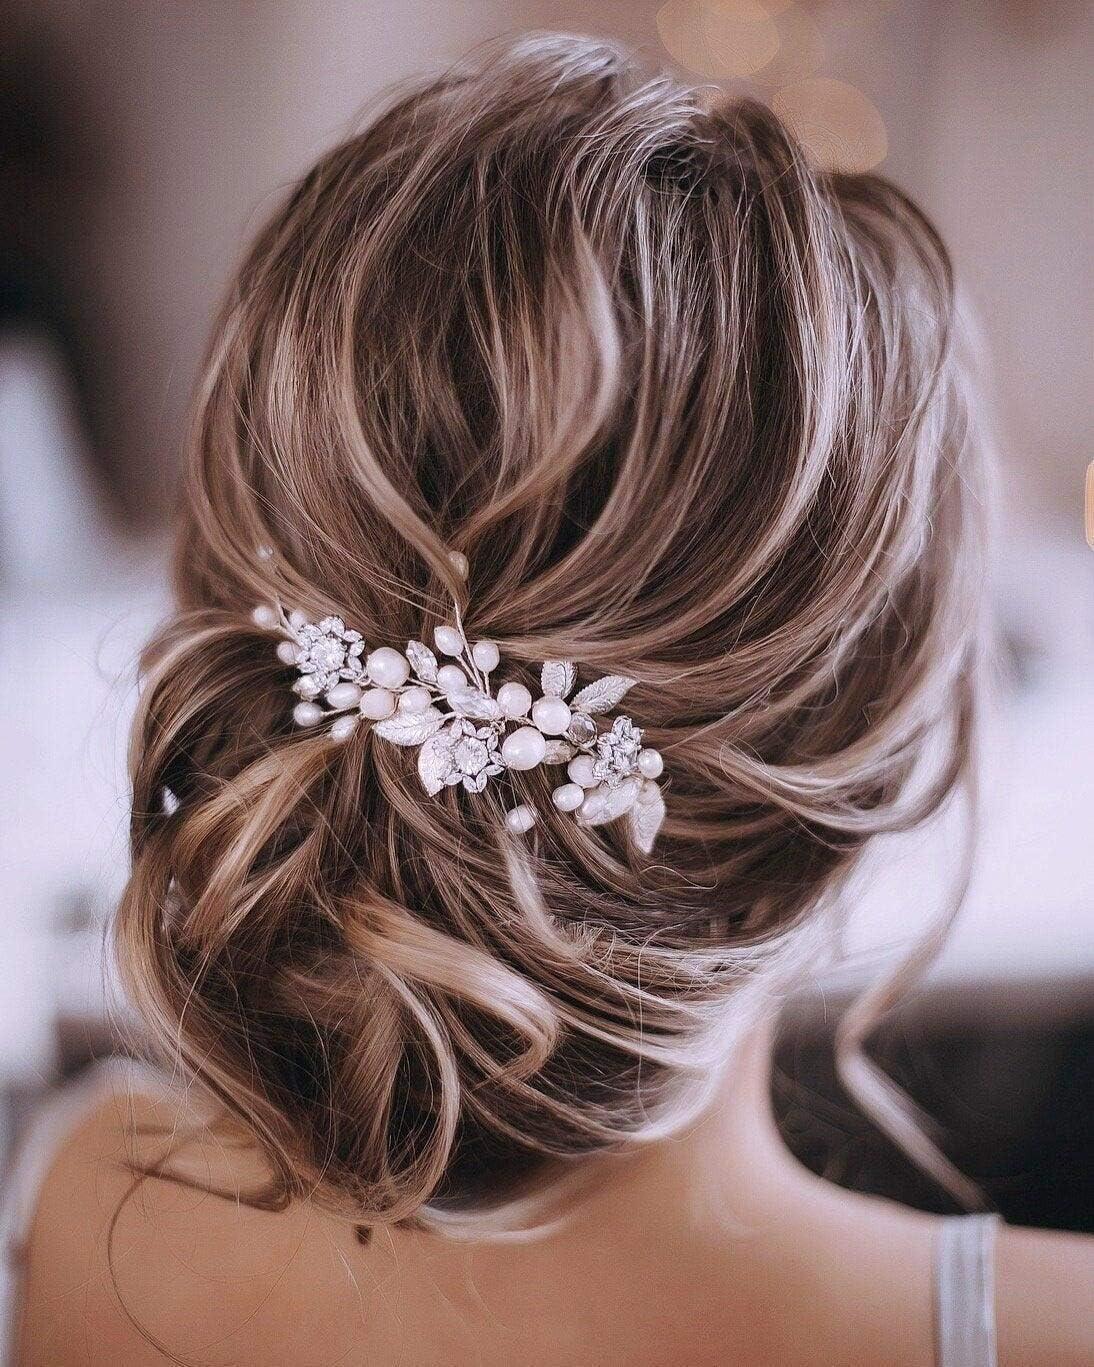 Unicra Silver Wedding Crystal Hair Vines Flor Hoja Tocados Accesorios para el cabello para la novia (Plata)